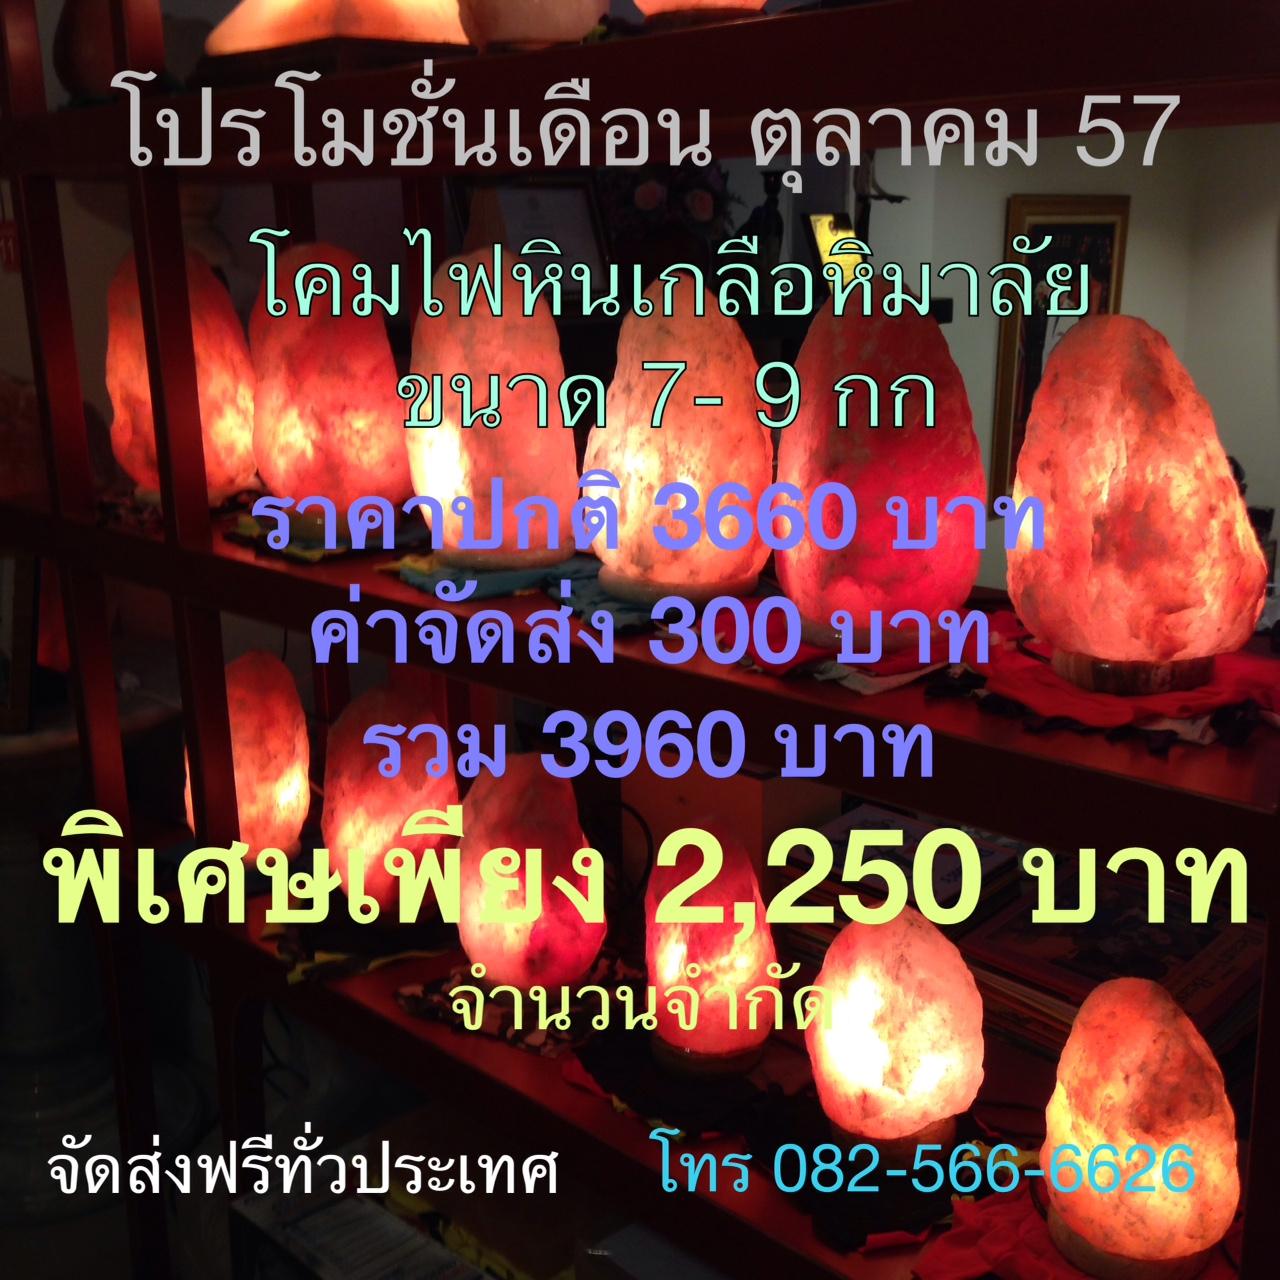 โคมไฟหินเกลือราคาถูก โคมไฟหินเกลือหิมาลัย himalayan salt lamp oct